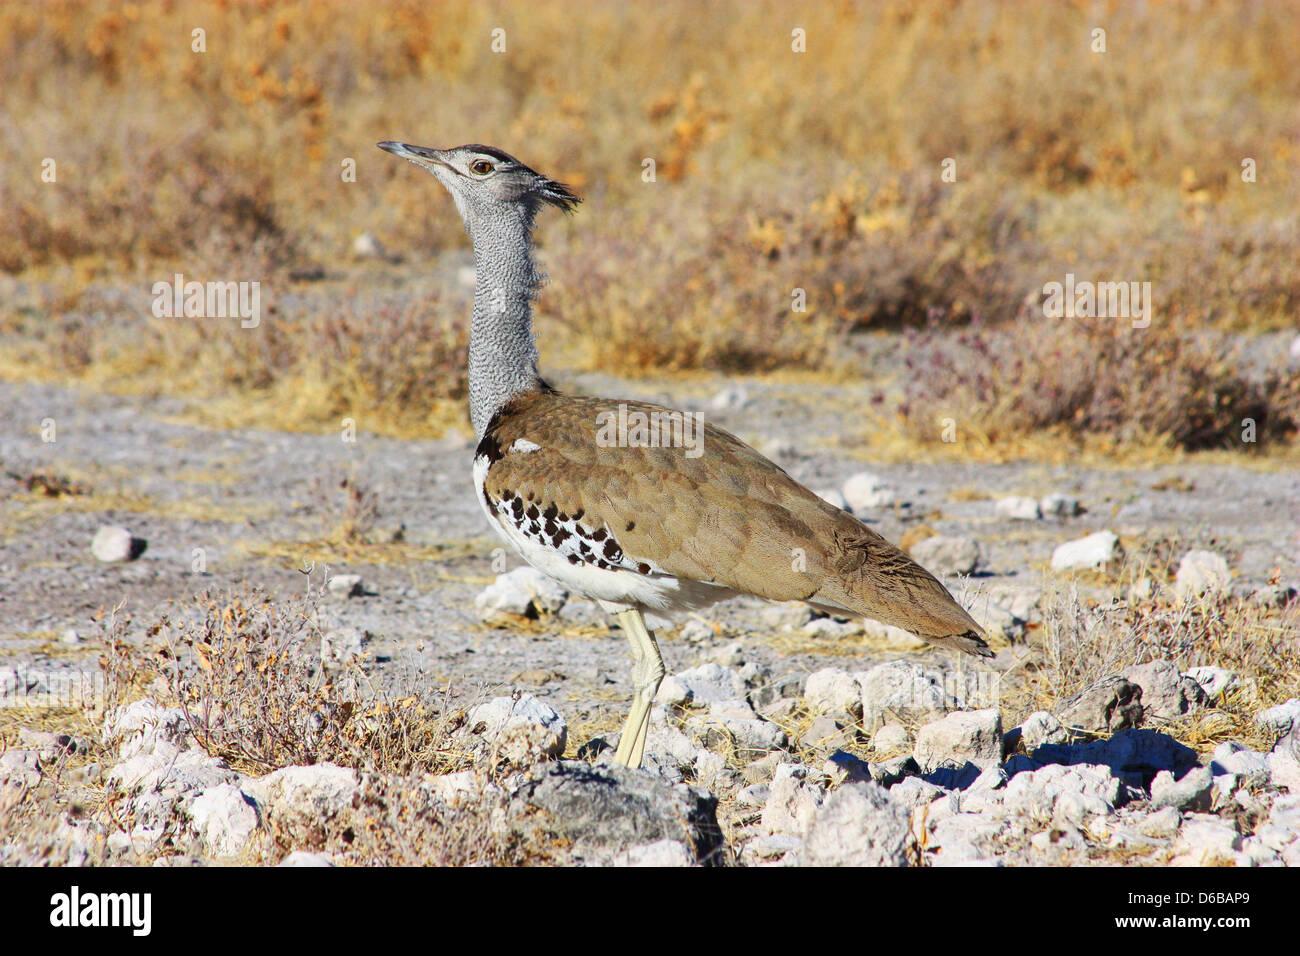 Namibian wild life - Stock Image